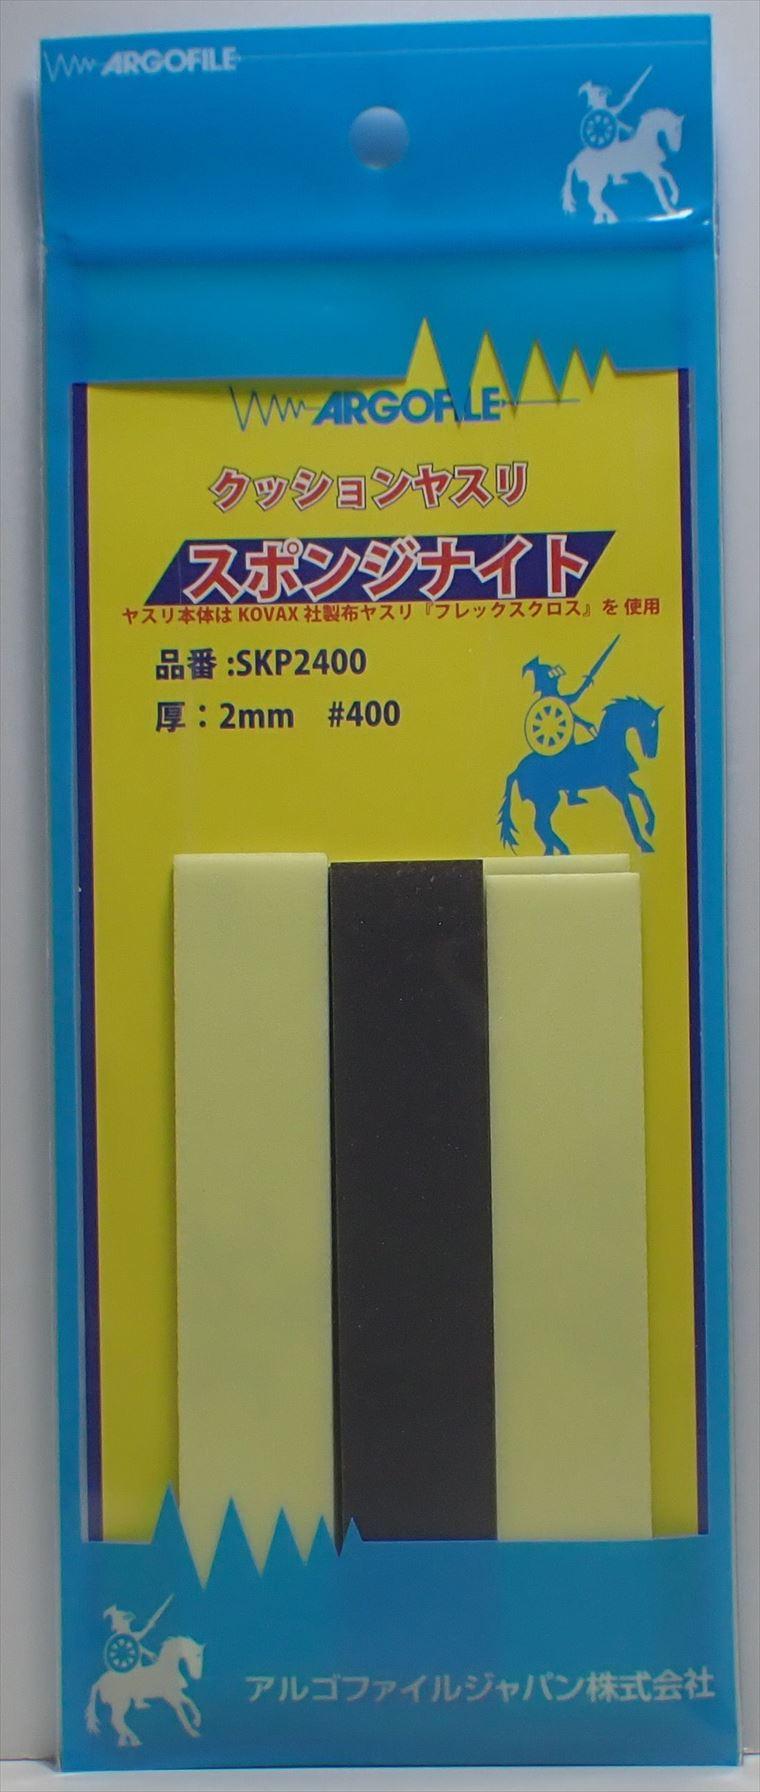 SKP2400 スポンジナイト 厚さ2mm #400   《ARGOFILE》